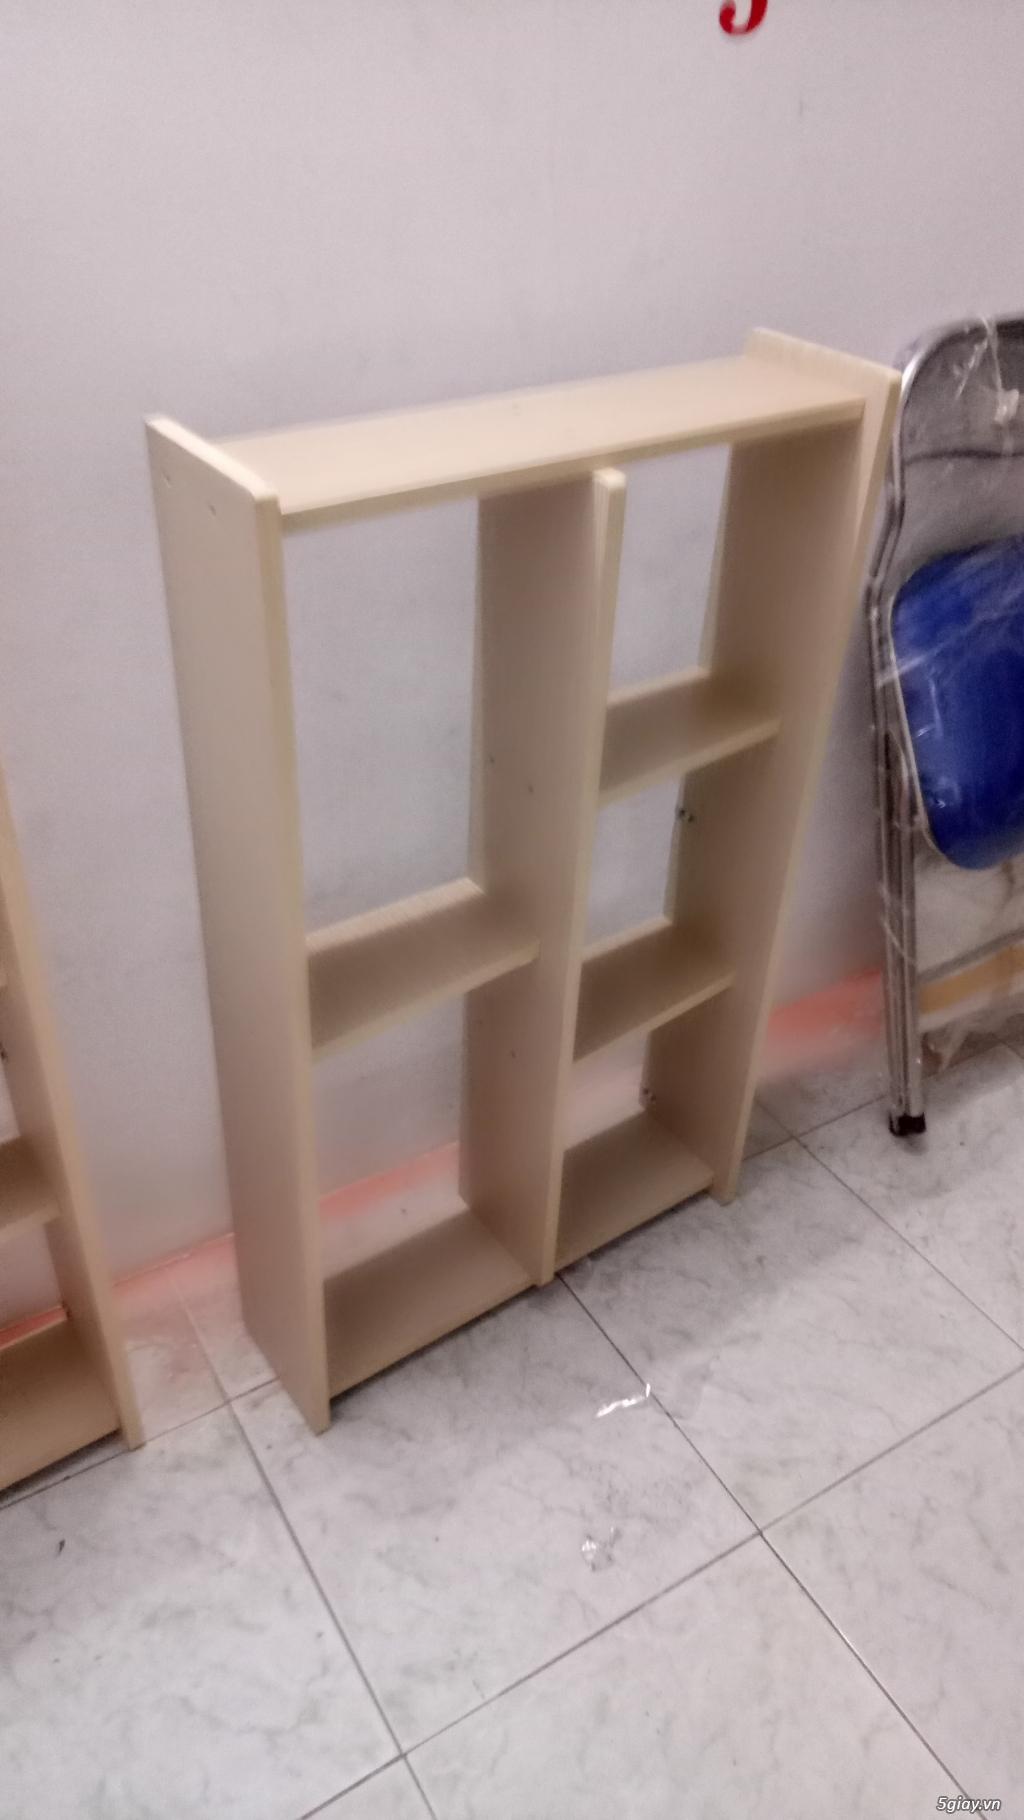 **Nội Thất Nguyễn Lê**  Tủ sắt - Giường sắt -tủ hồ sơ-bàn làm việc.... - 78